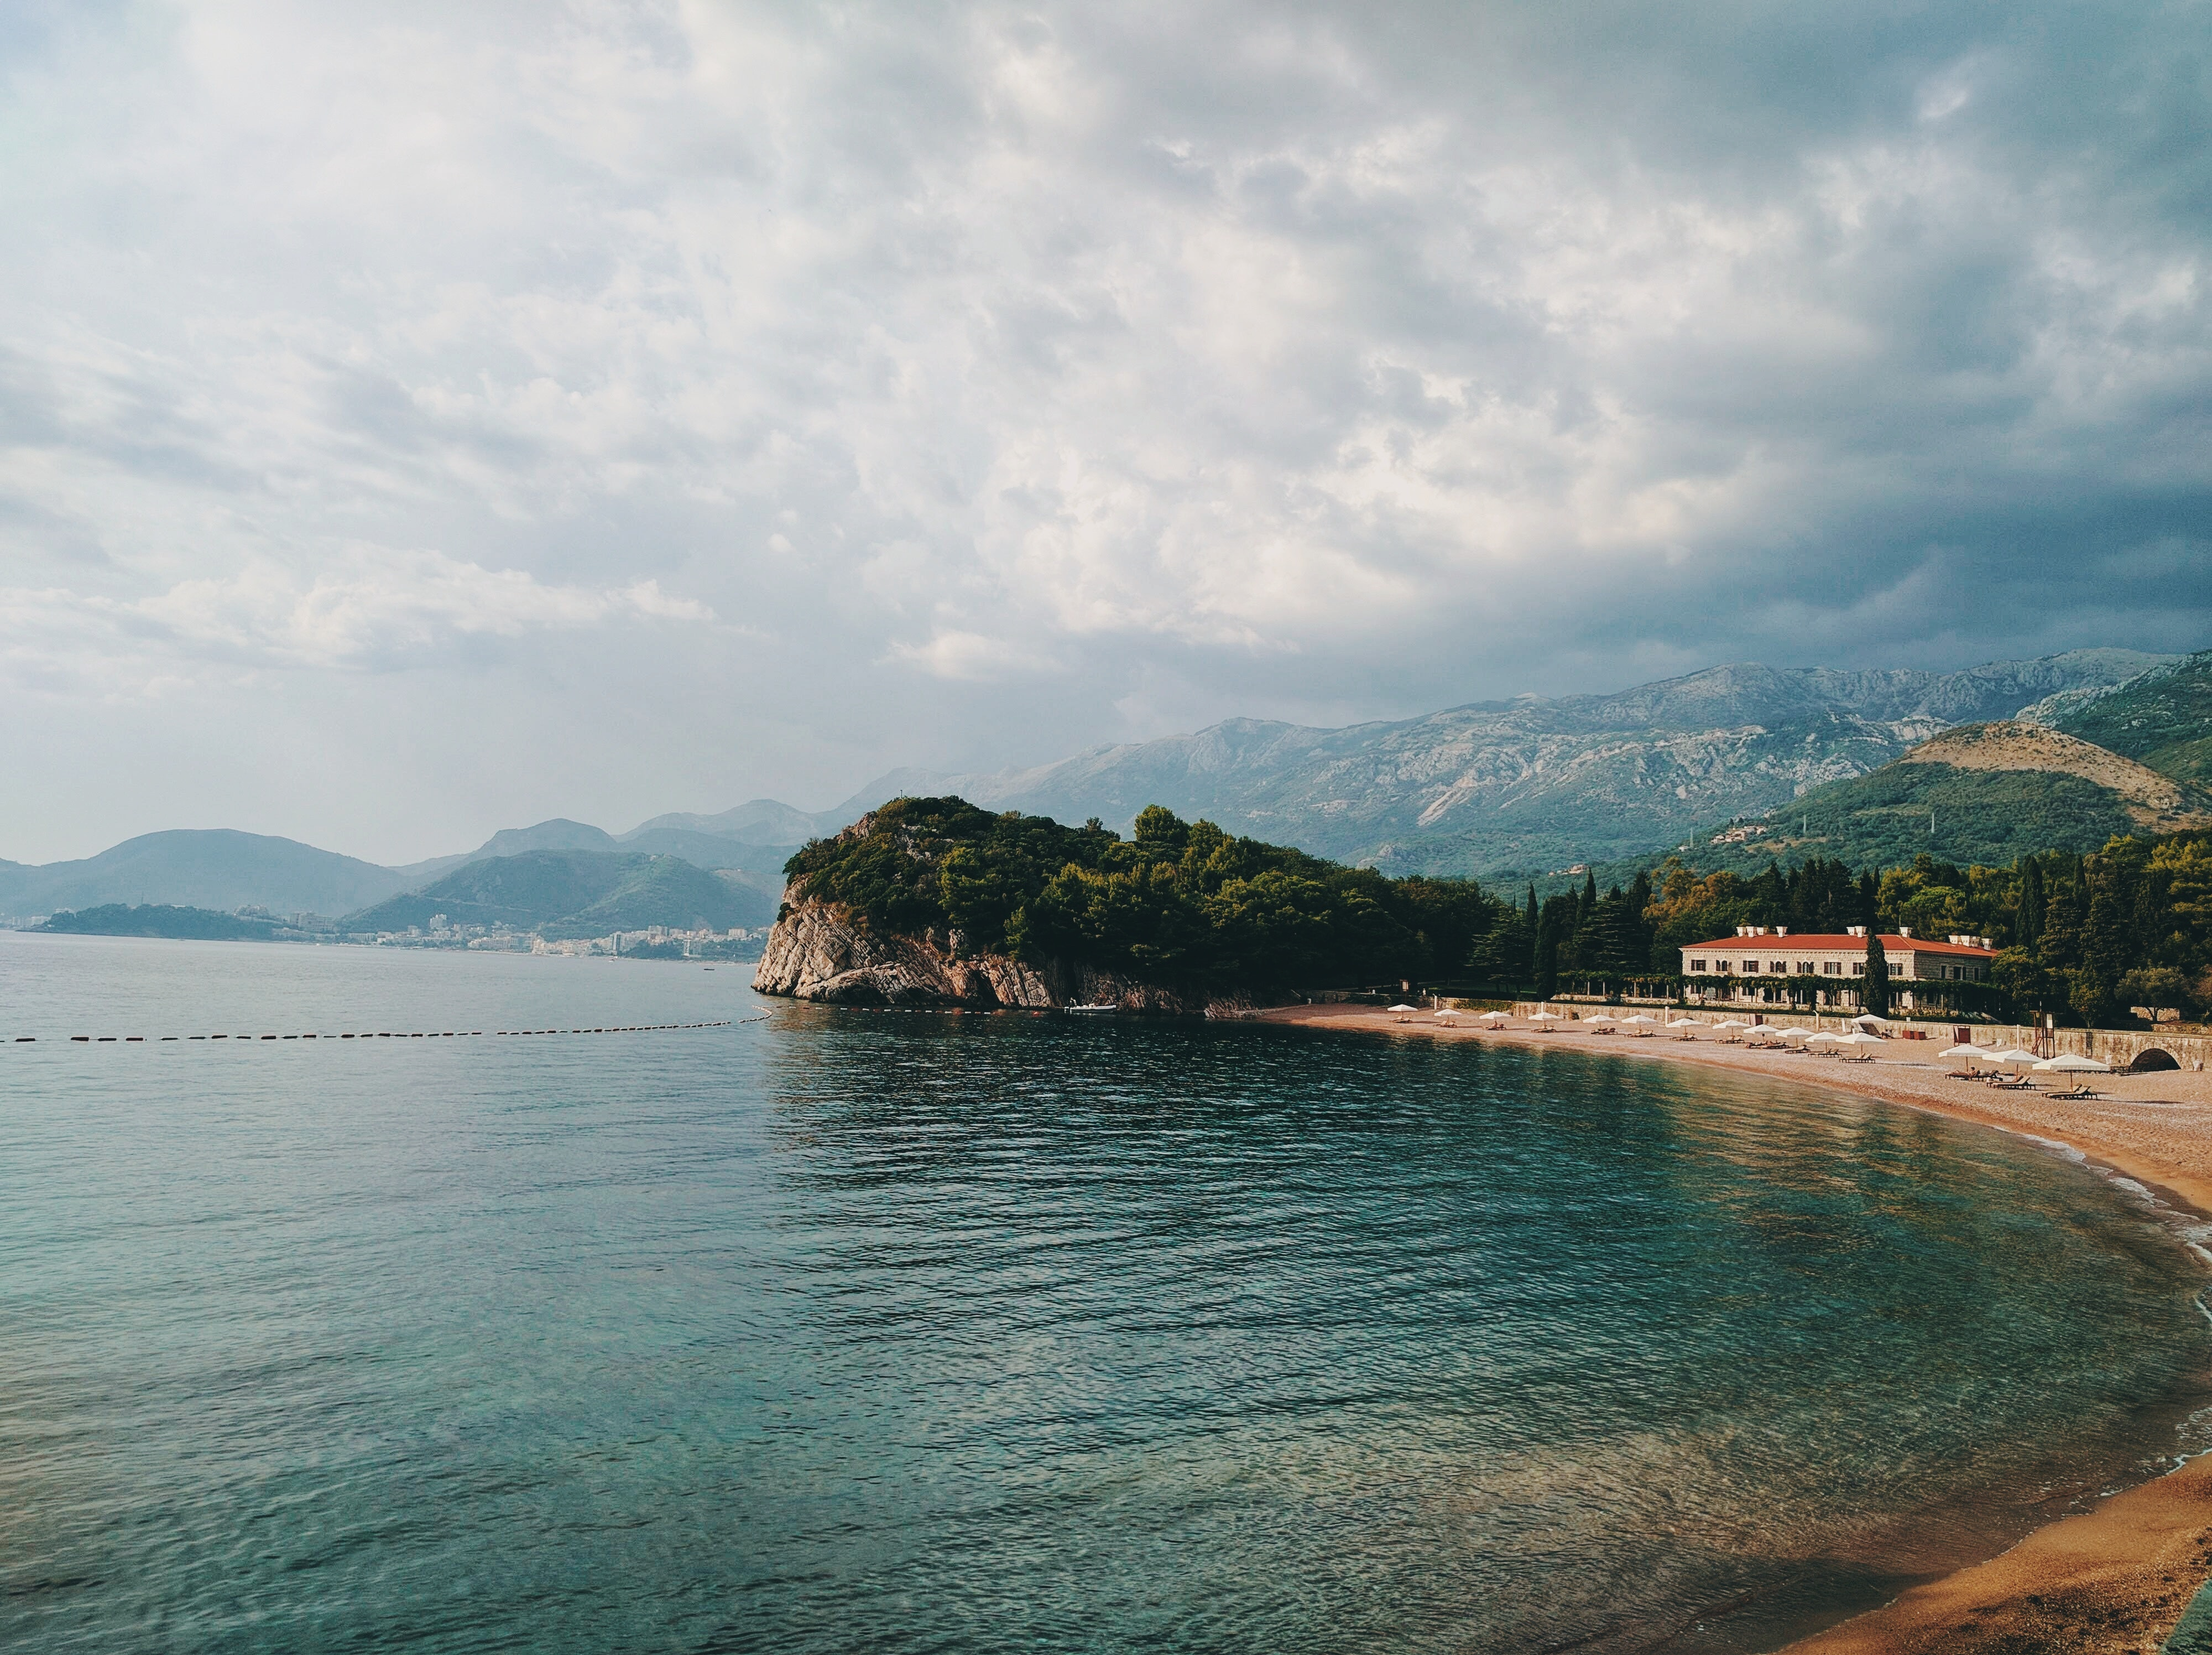 Ảnh Background phong cảnh bãi biển đẹp